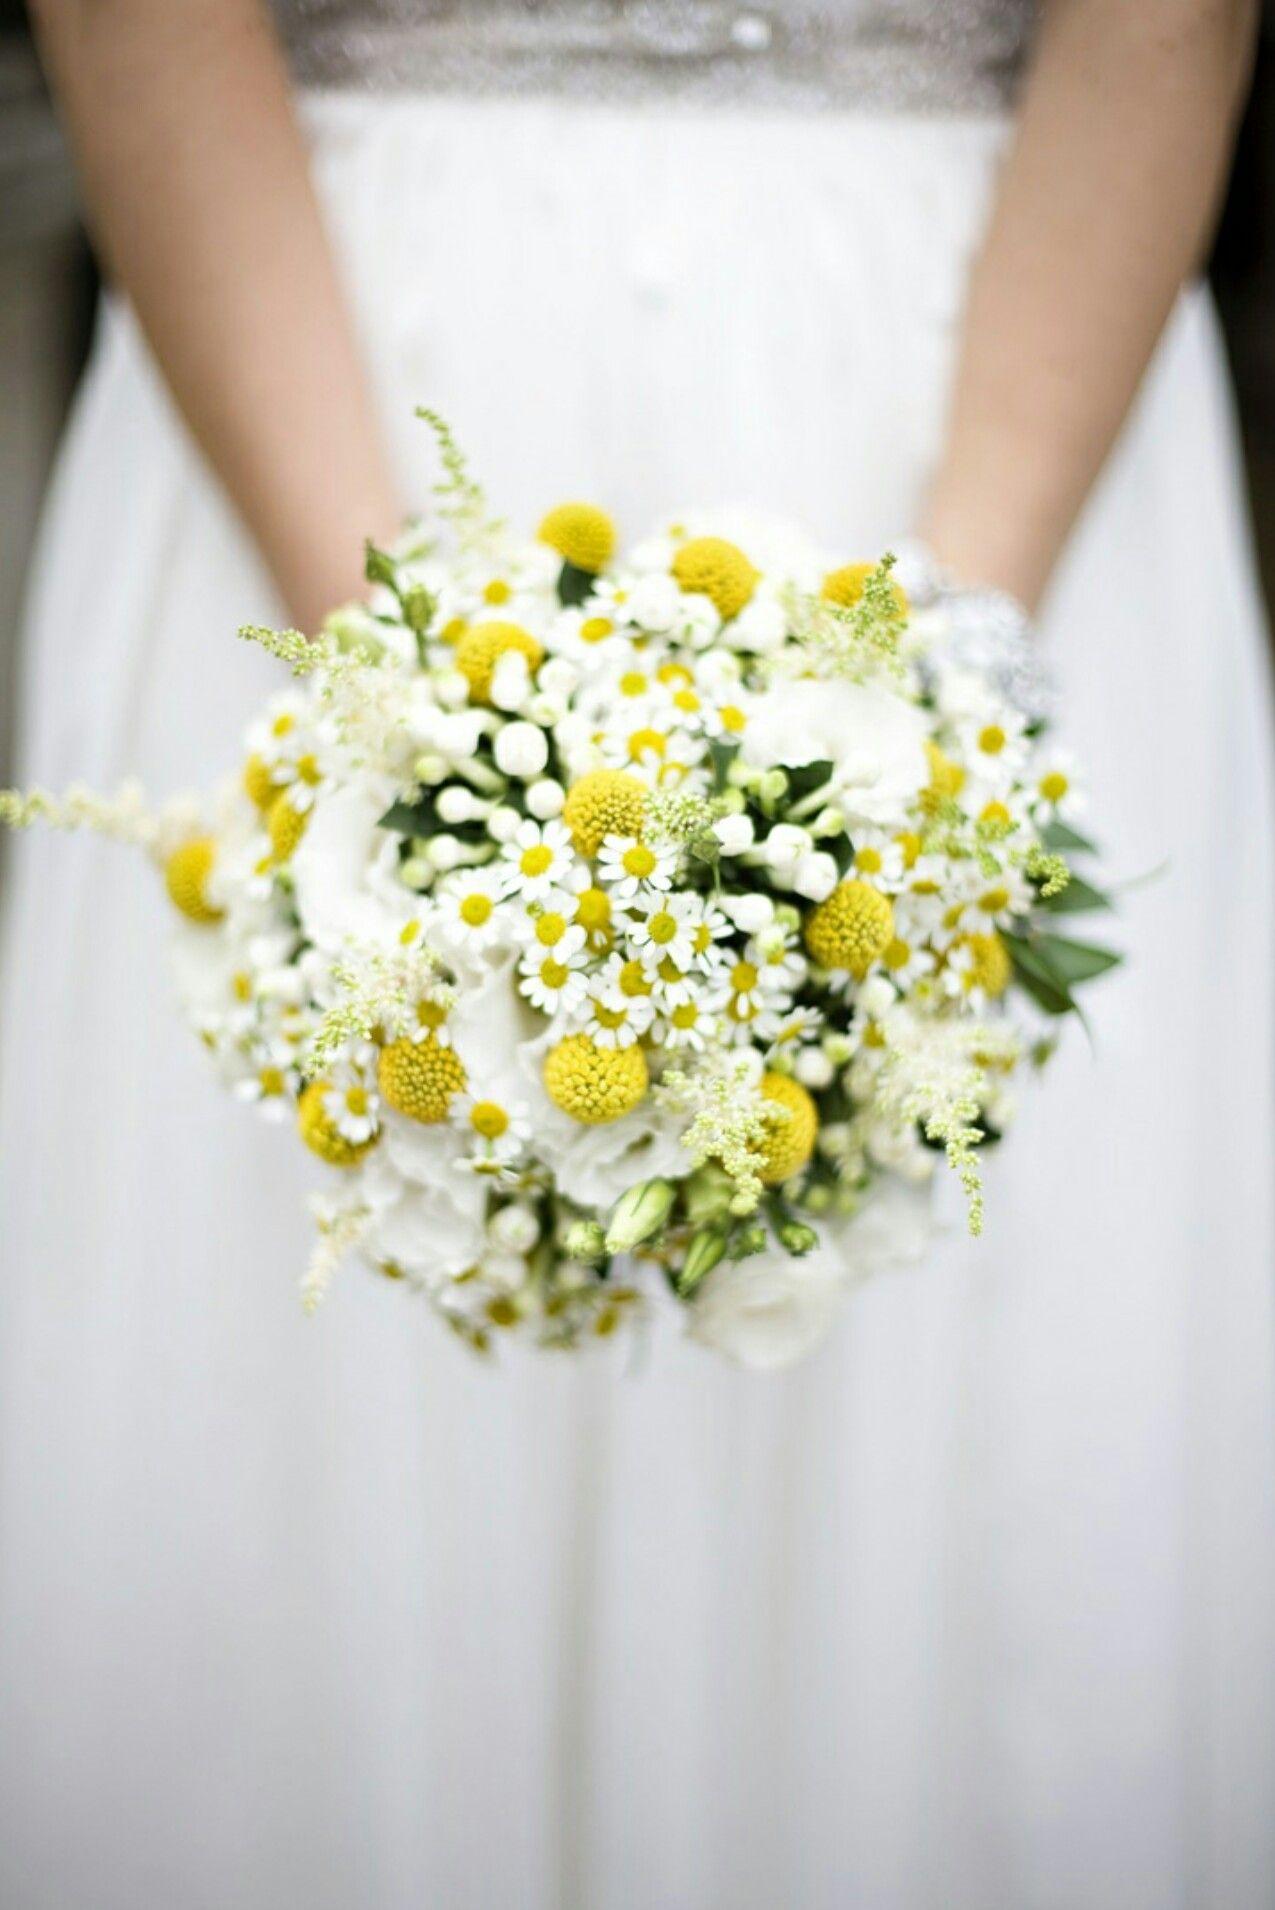 Round Bridal Bouquet White Lisianthus White Astilbe White Bouvardia White Yellow Chamomile Y Yellow Wedding Flowers Yellow Bouquets White Wedding Flowers